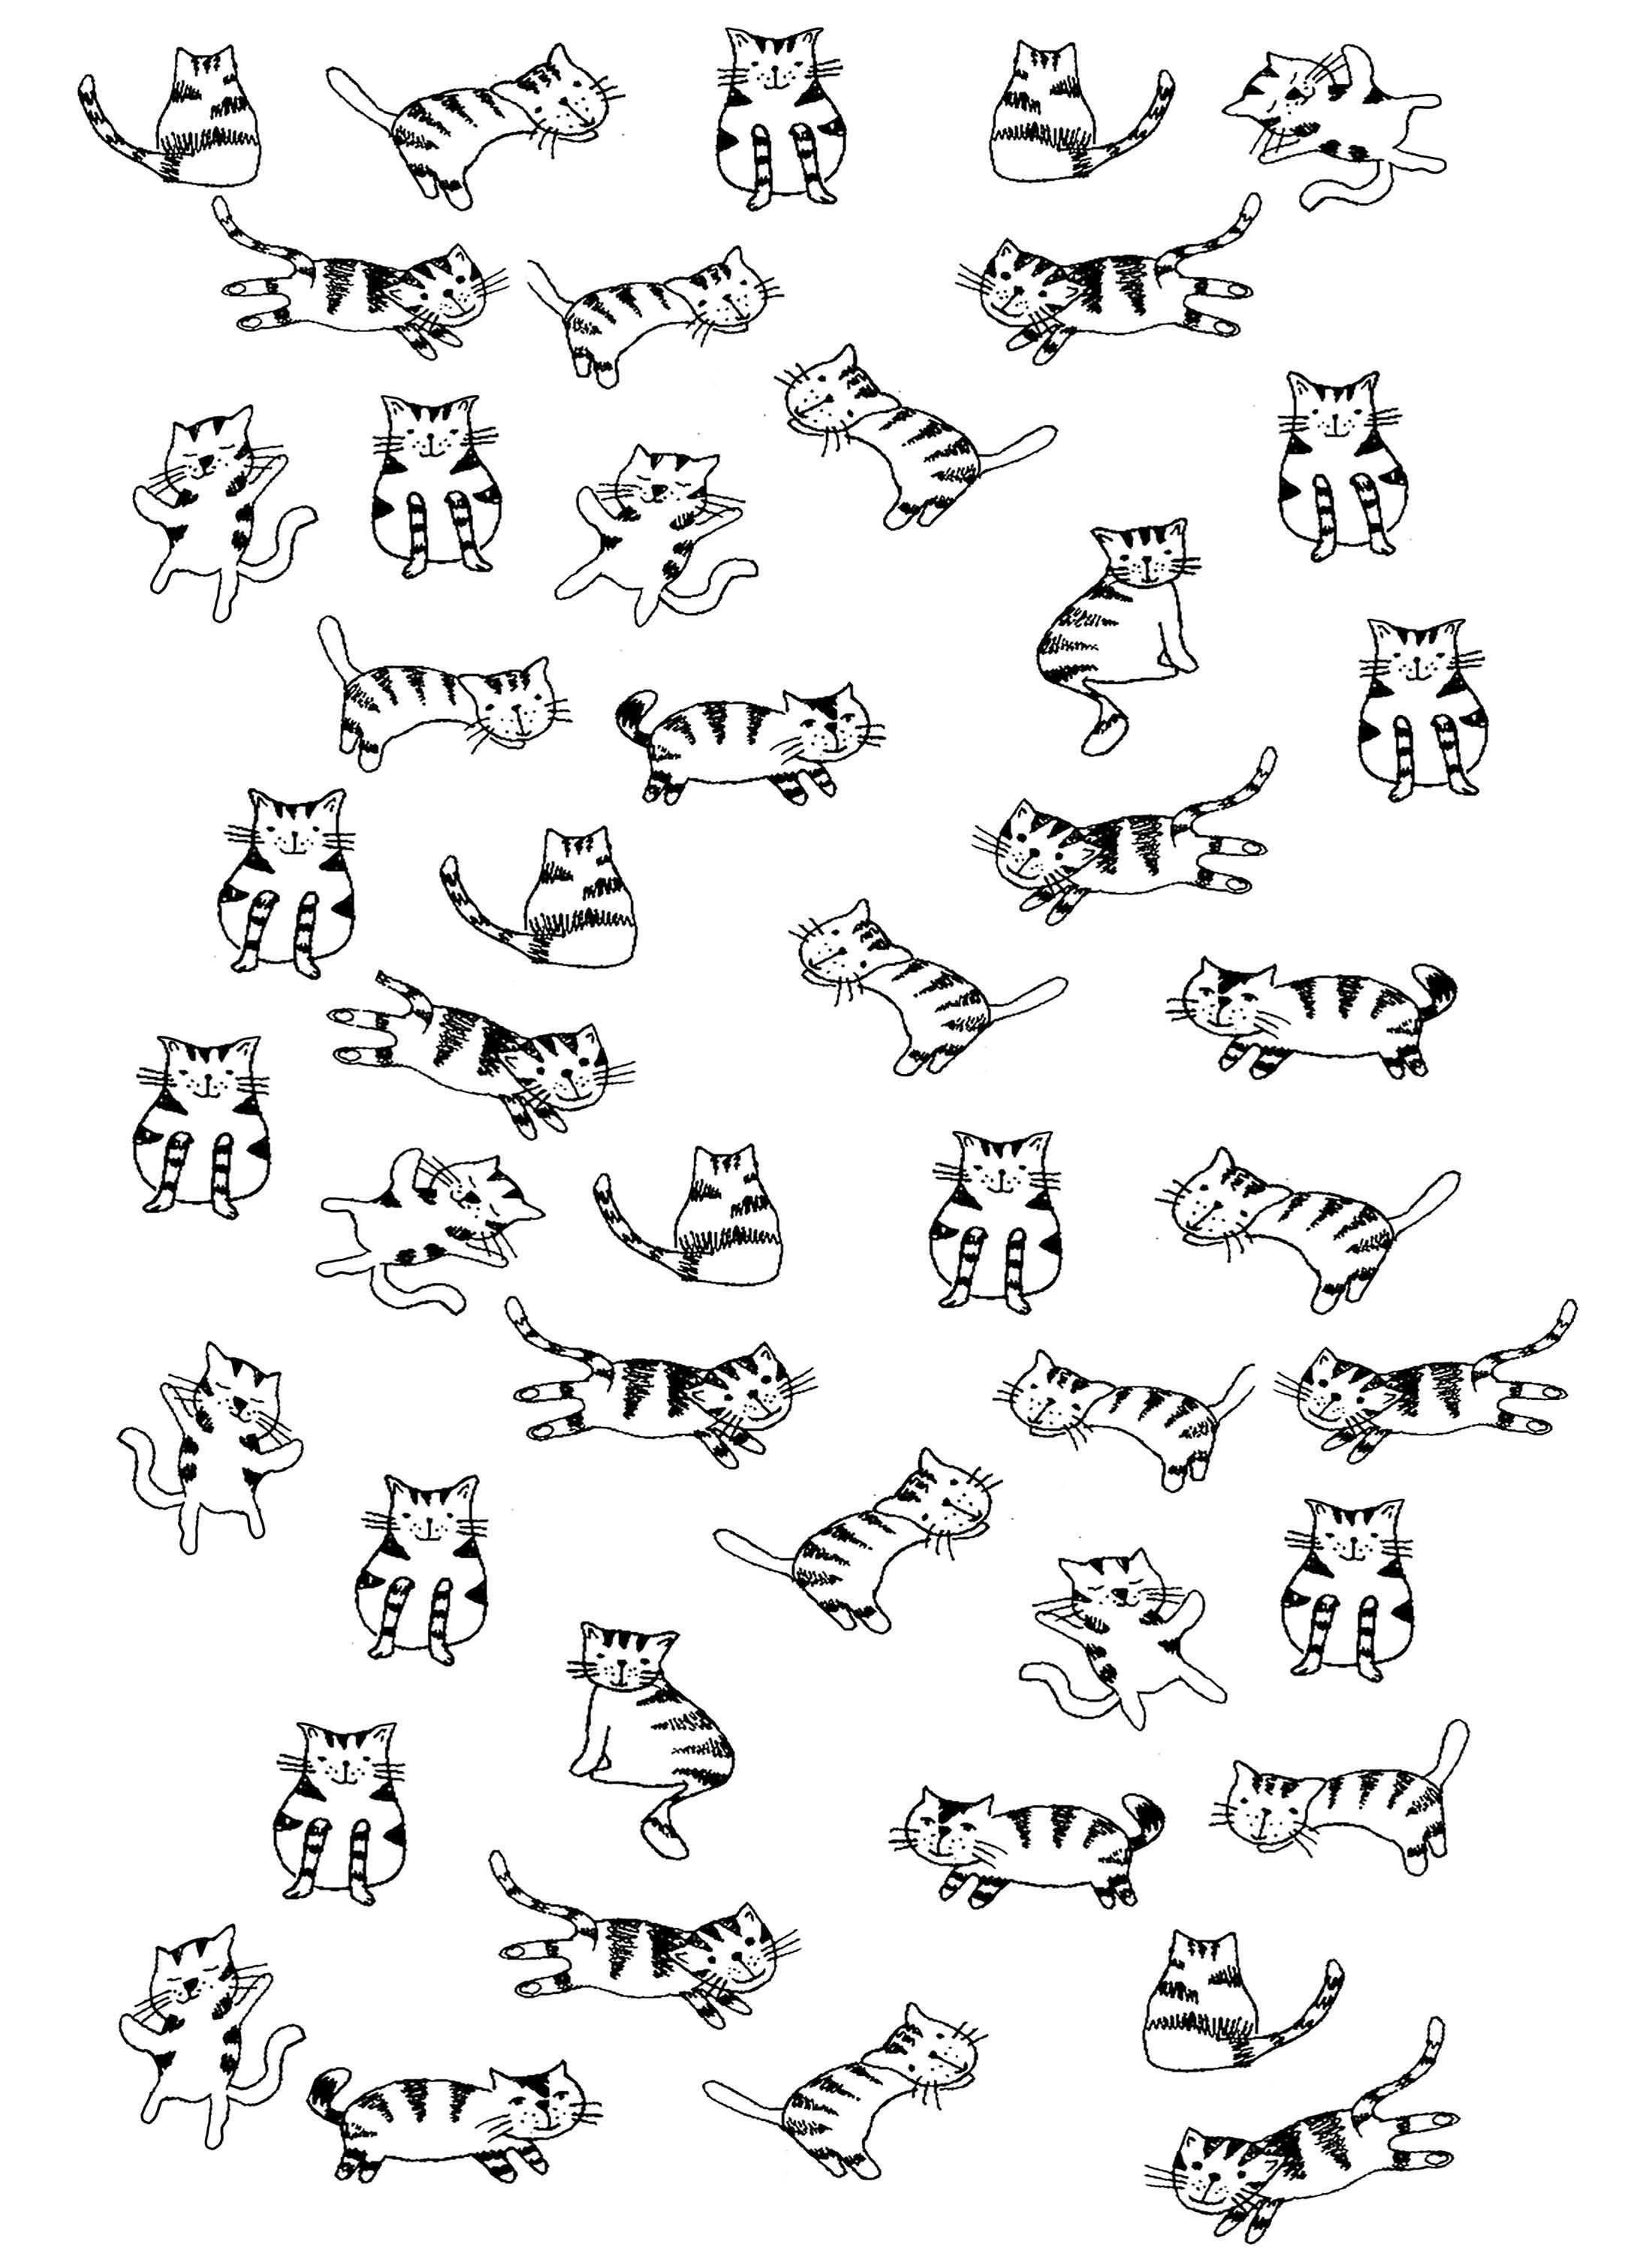 Disegni da colorare per adulti : Gatti - 22